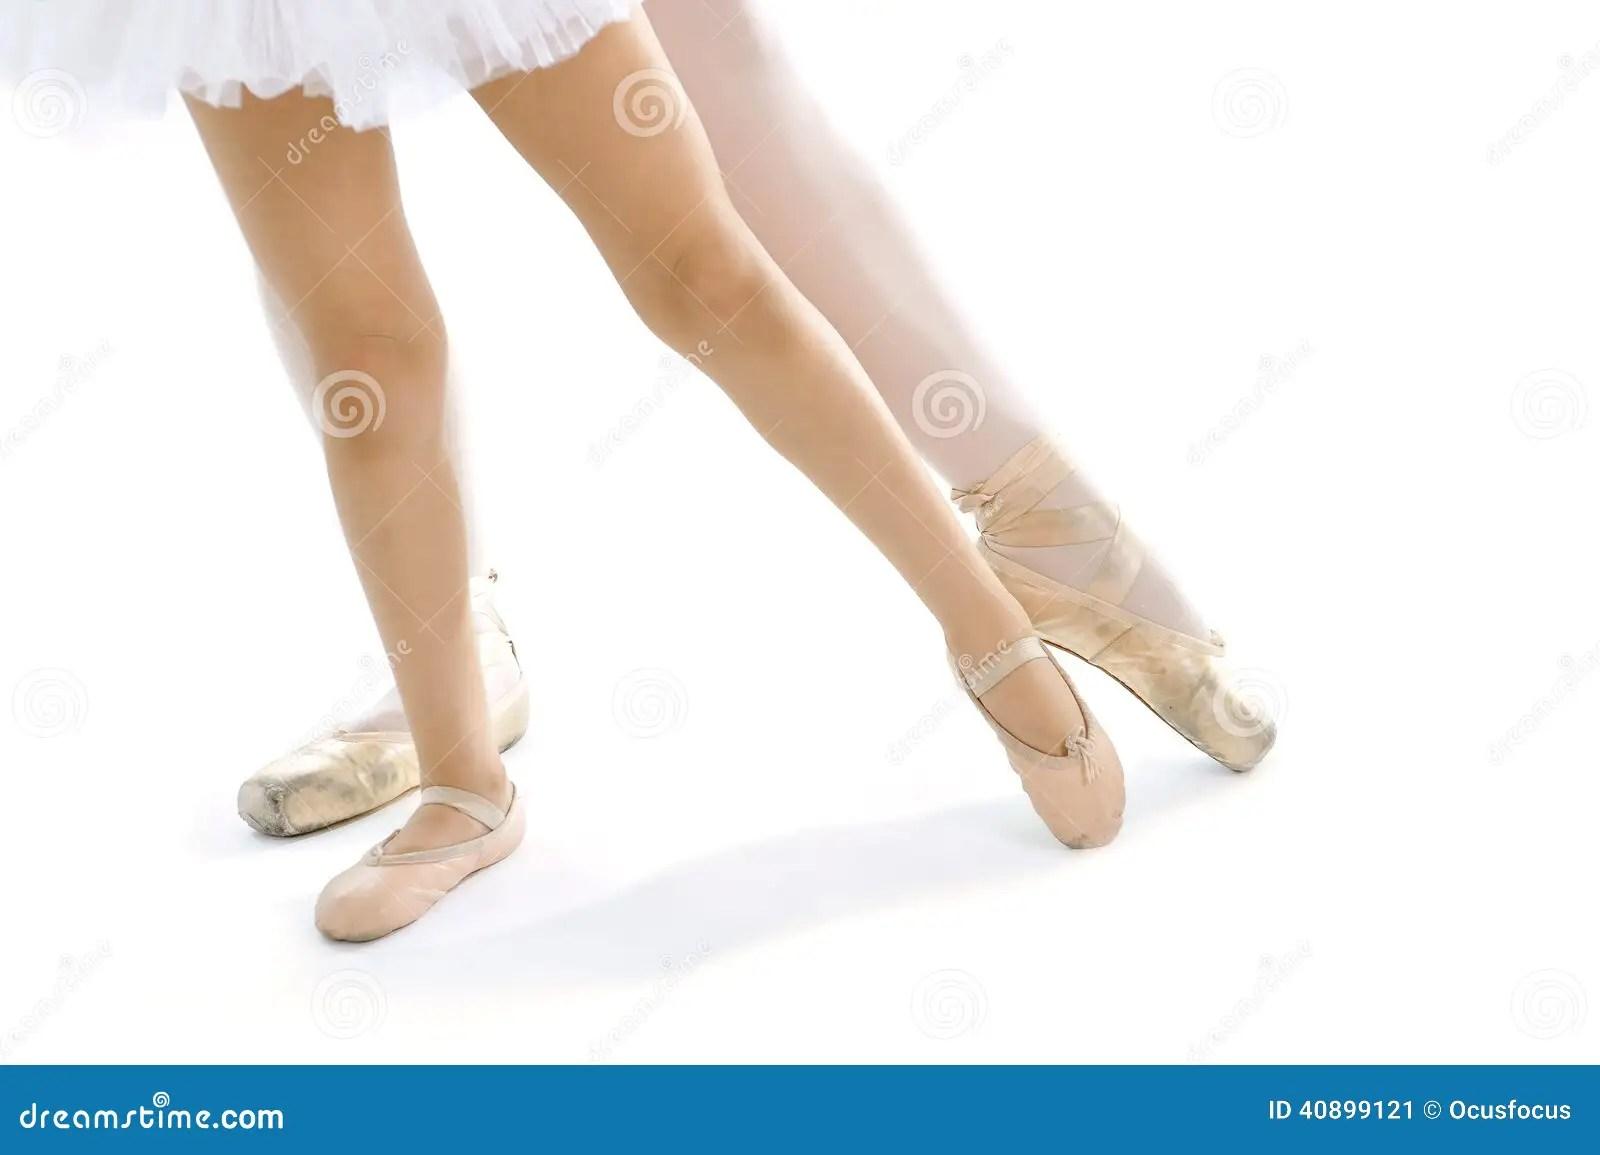 Legs And Feet Of Classical Ballet Dancer Teacher And